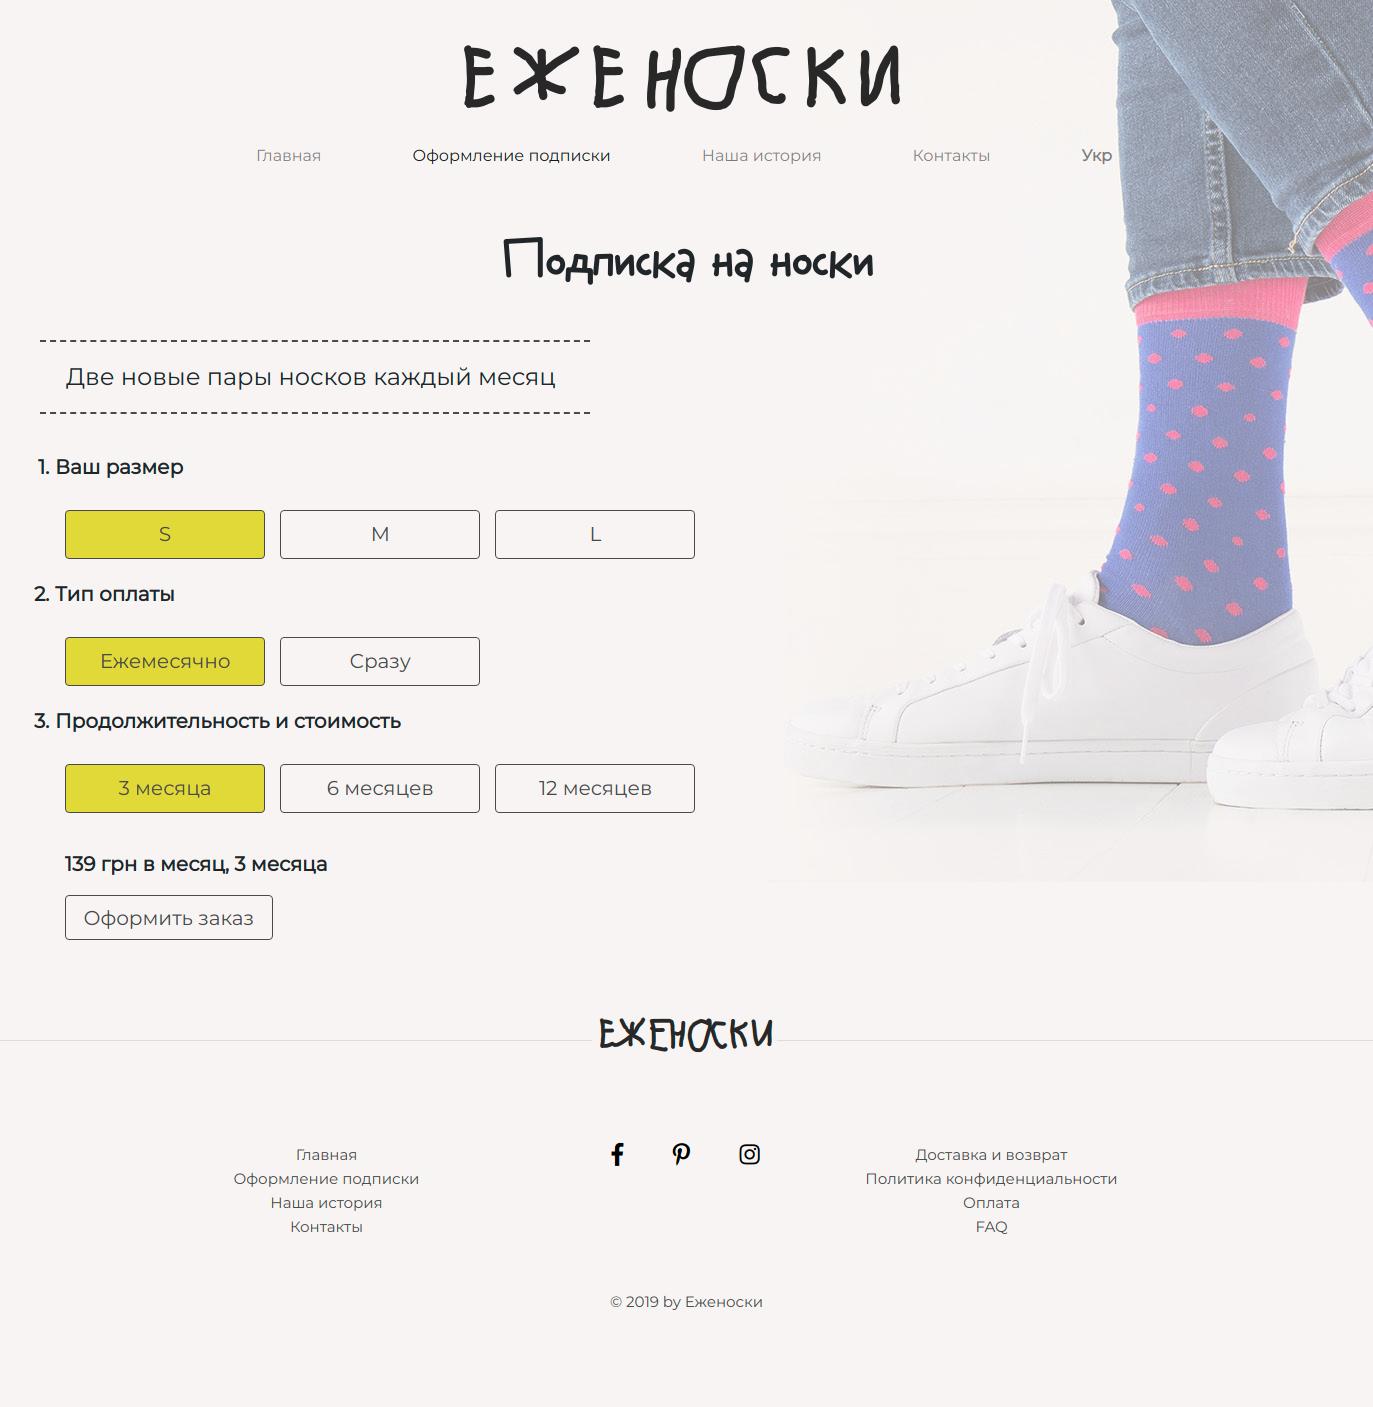 Фото Створення сайту підписки на отримання носків